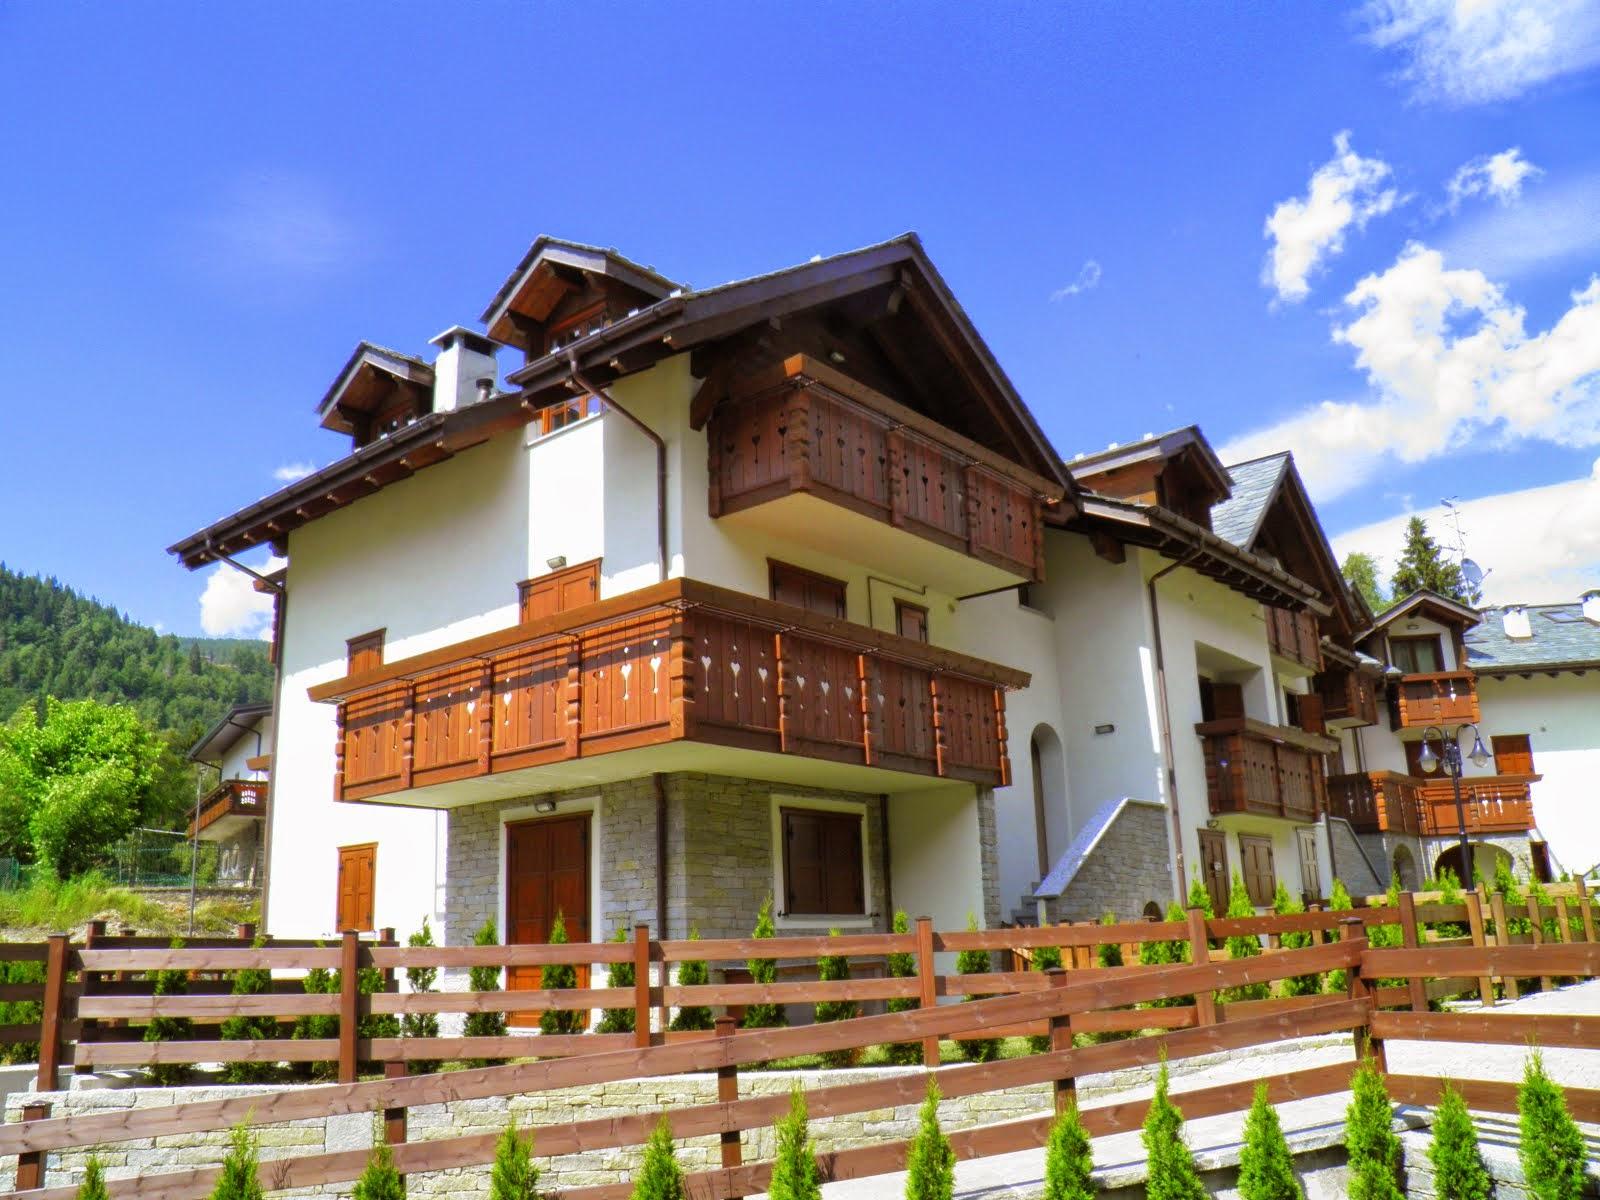 Aprica immobiliare cioccarelli aprica affitto for Appartamenti budoni affitto agosto